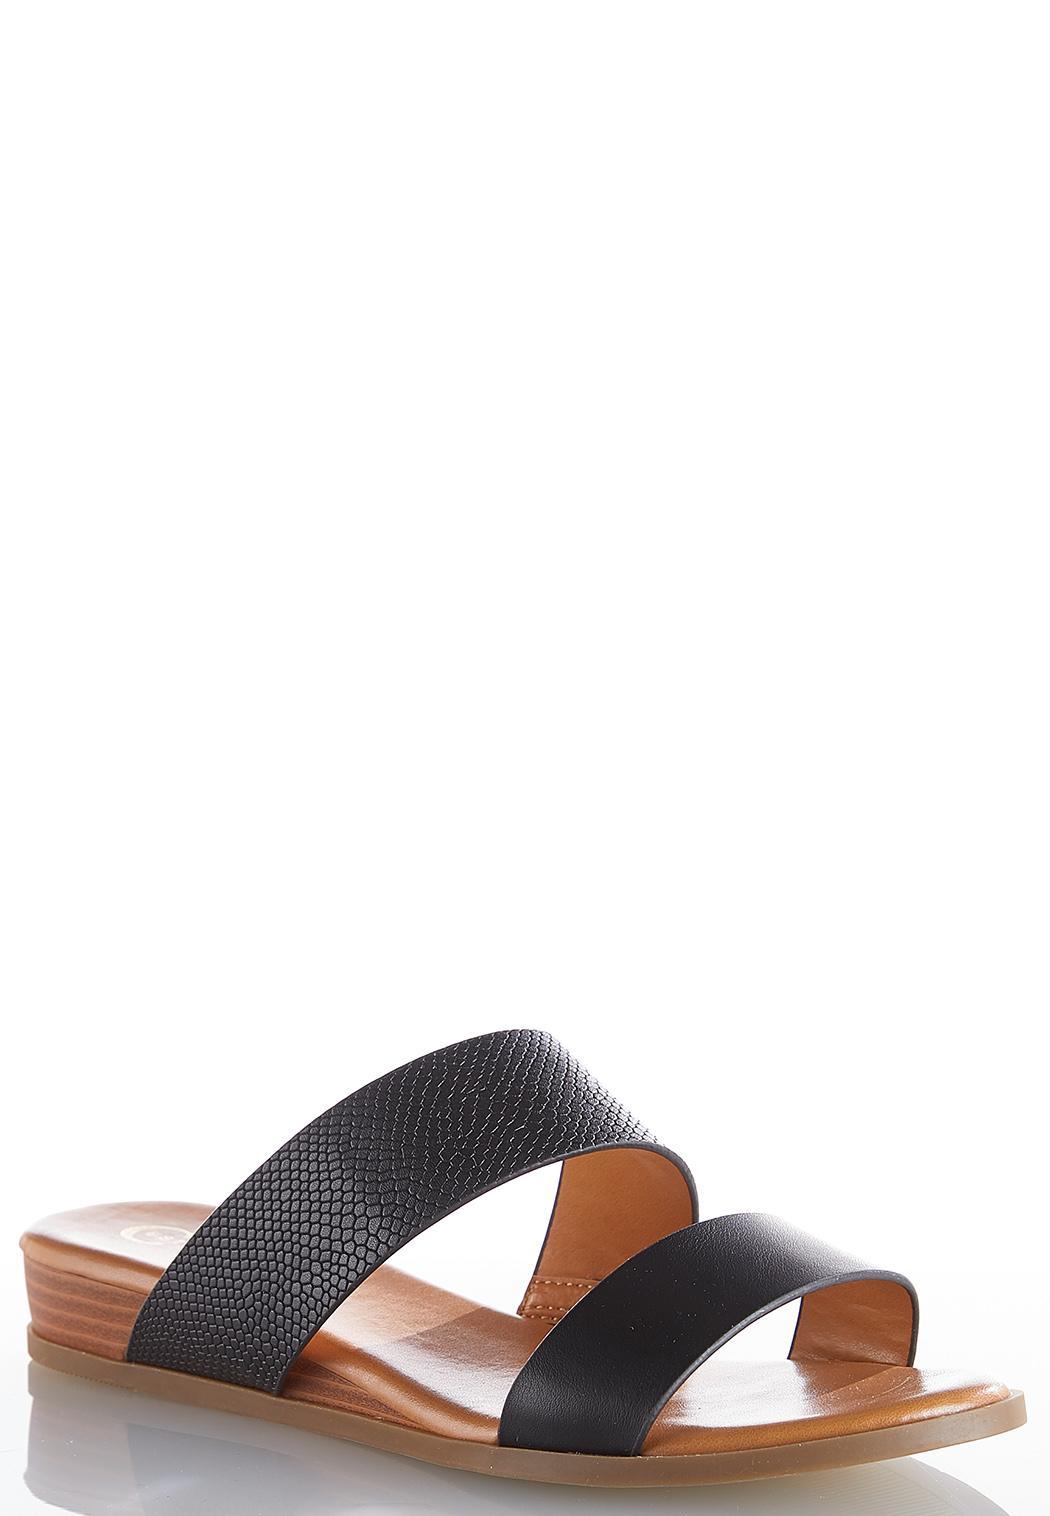 Snakeskin Strap Wedge Slides